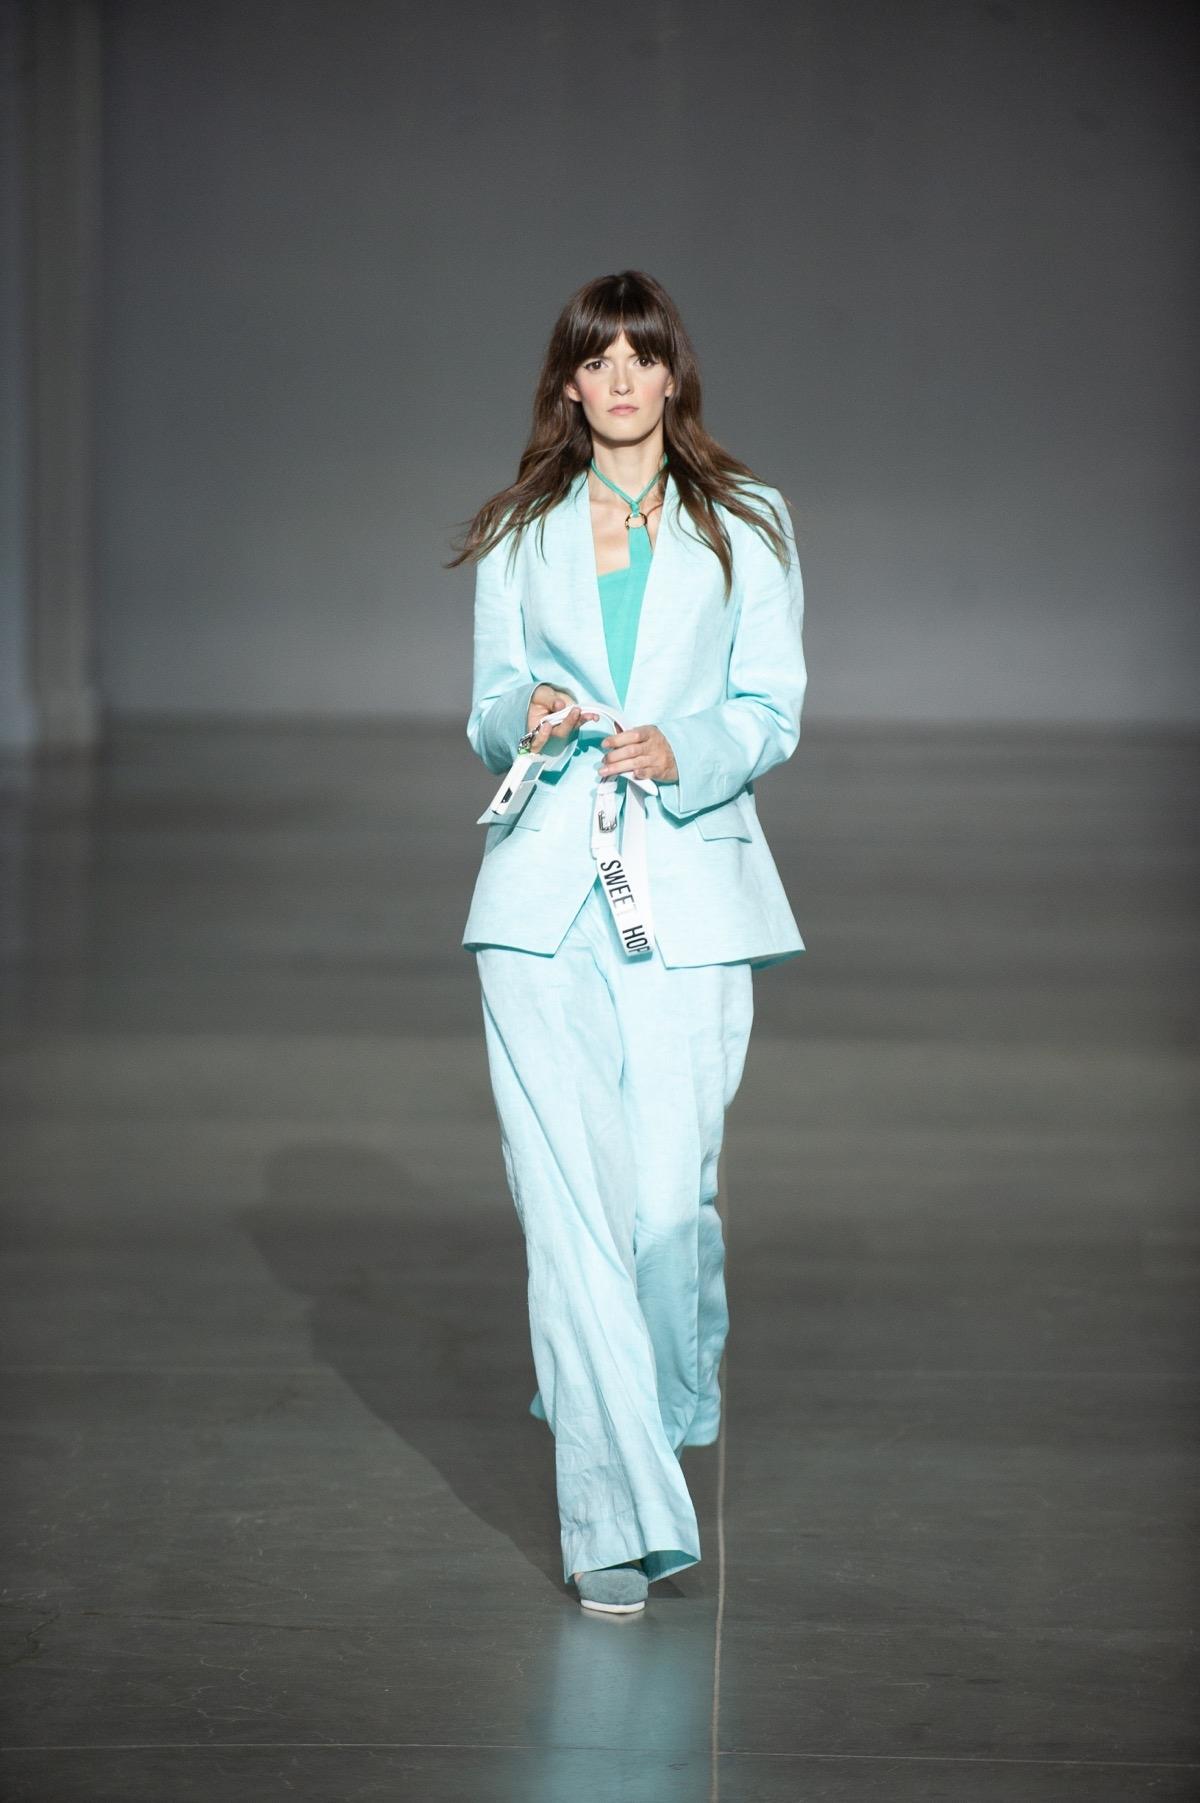 Яркие костюмы, элегантные платья и топы с вырезами в новой коллекции Elena BURENINA (ФОТО) - фото №3